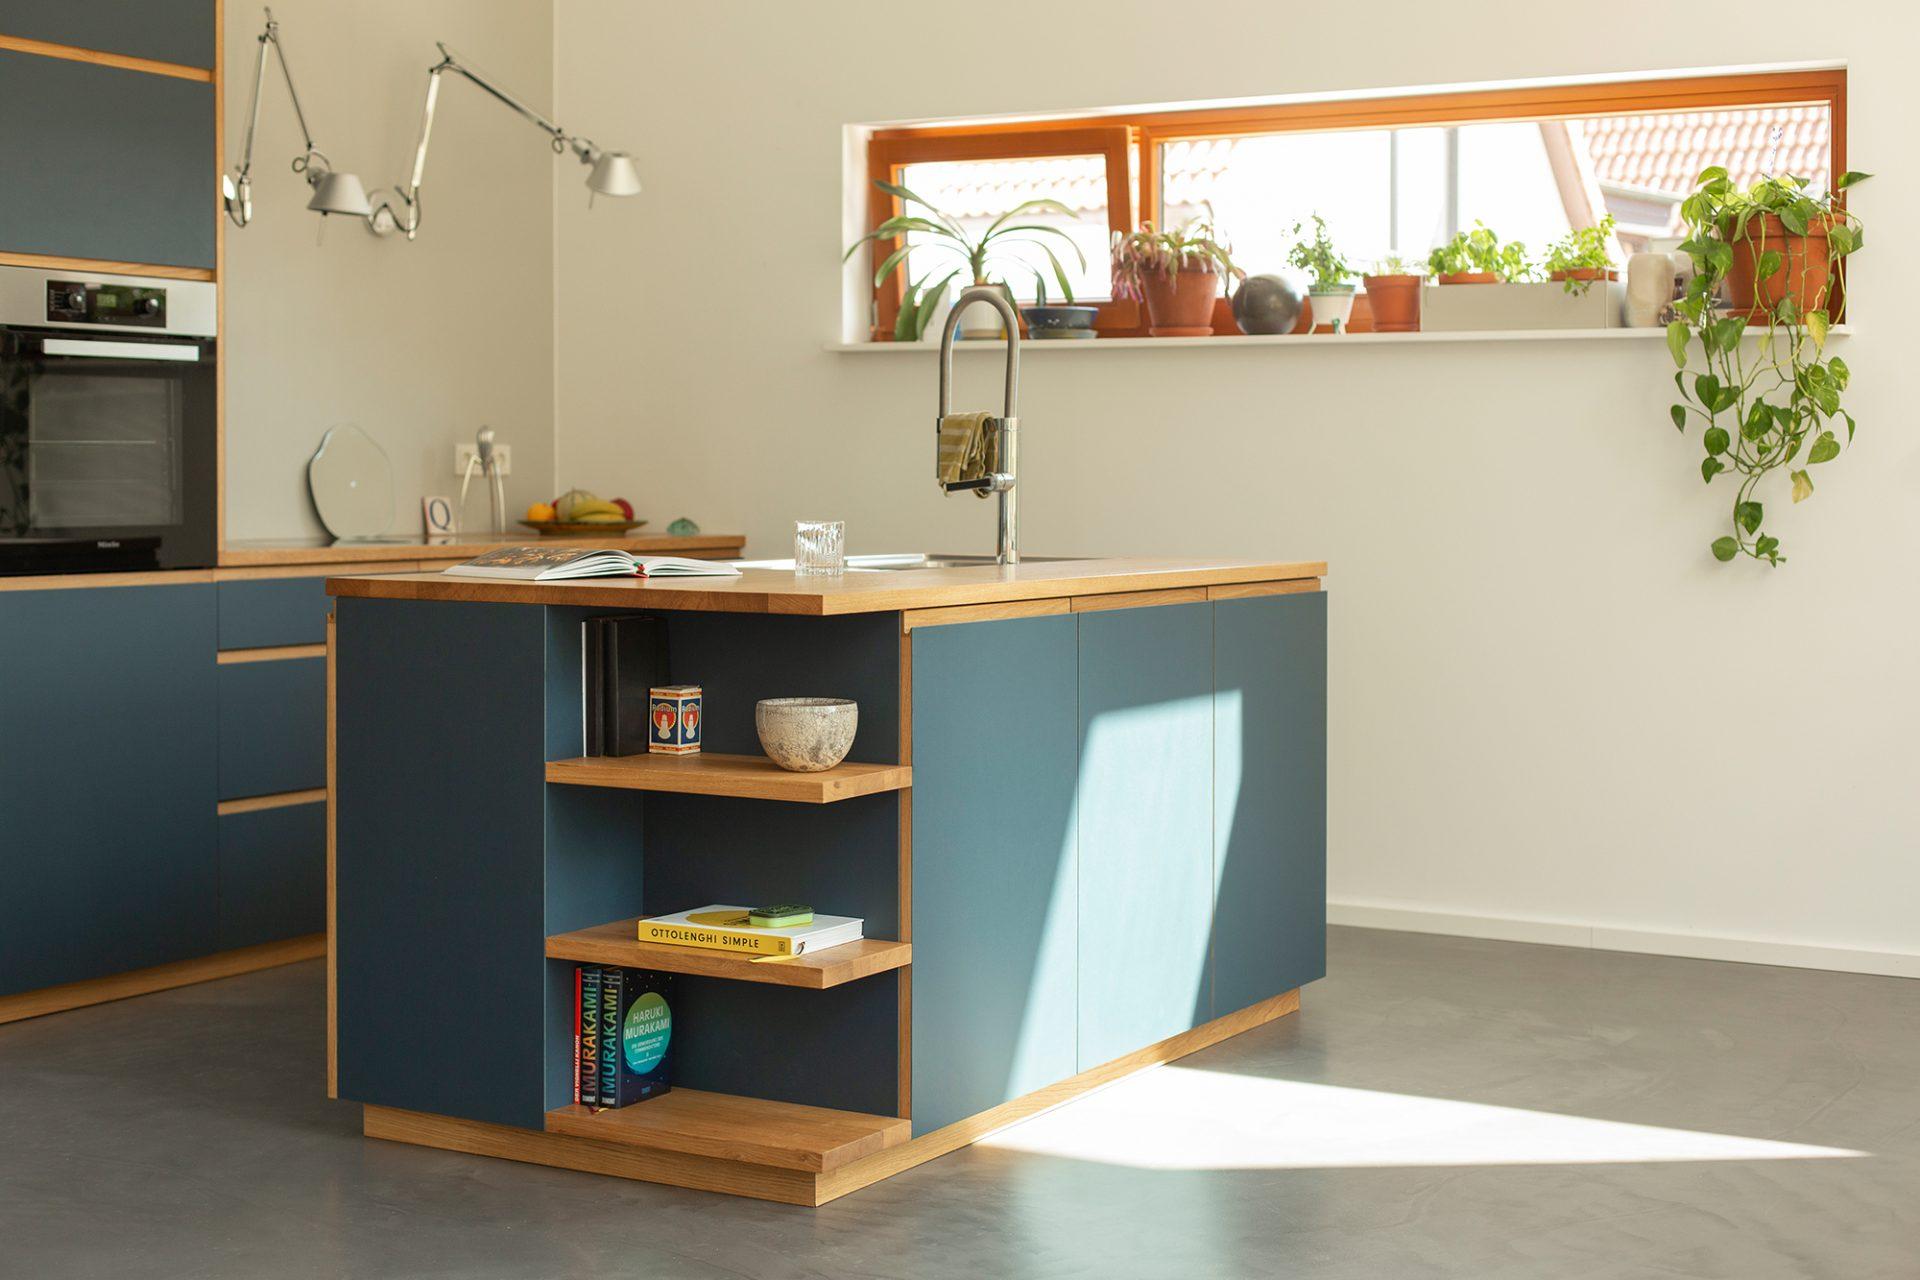 blue linoleum kitchen with oak